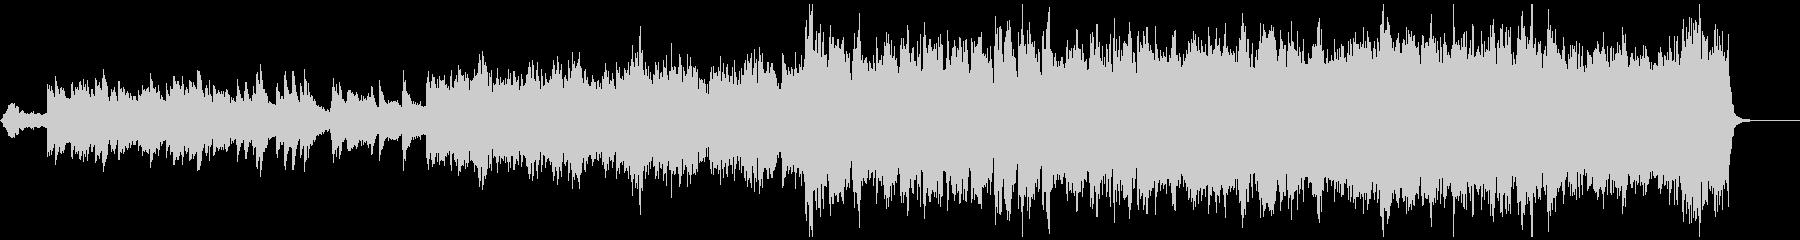 感動的なオーケストラのBGMの未再生の波形